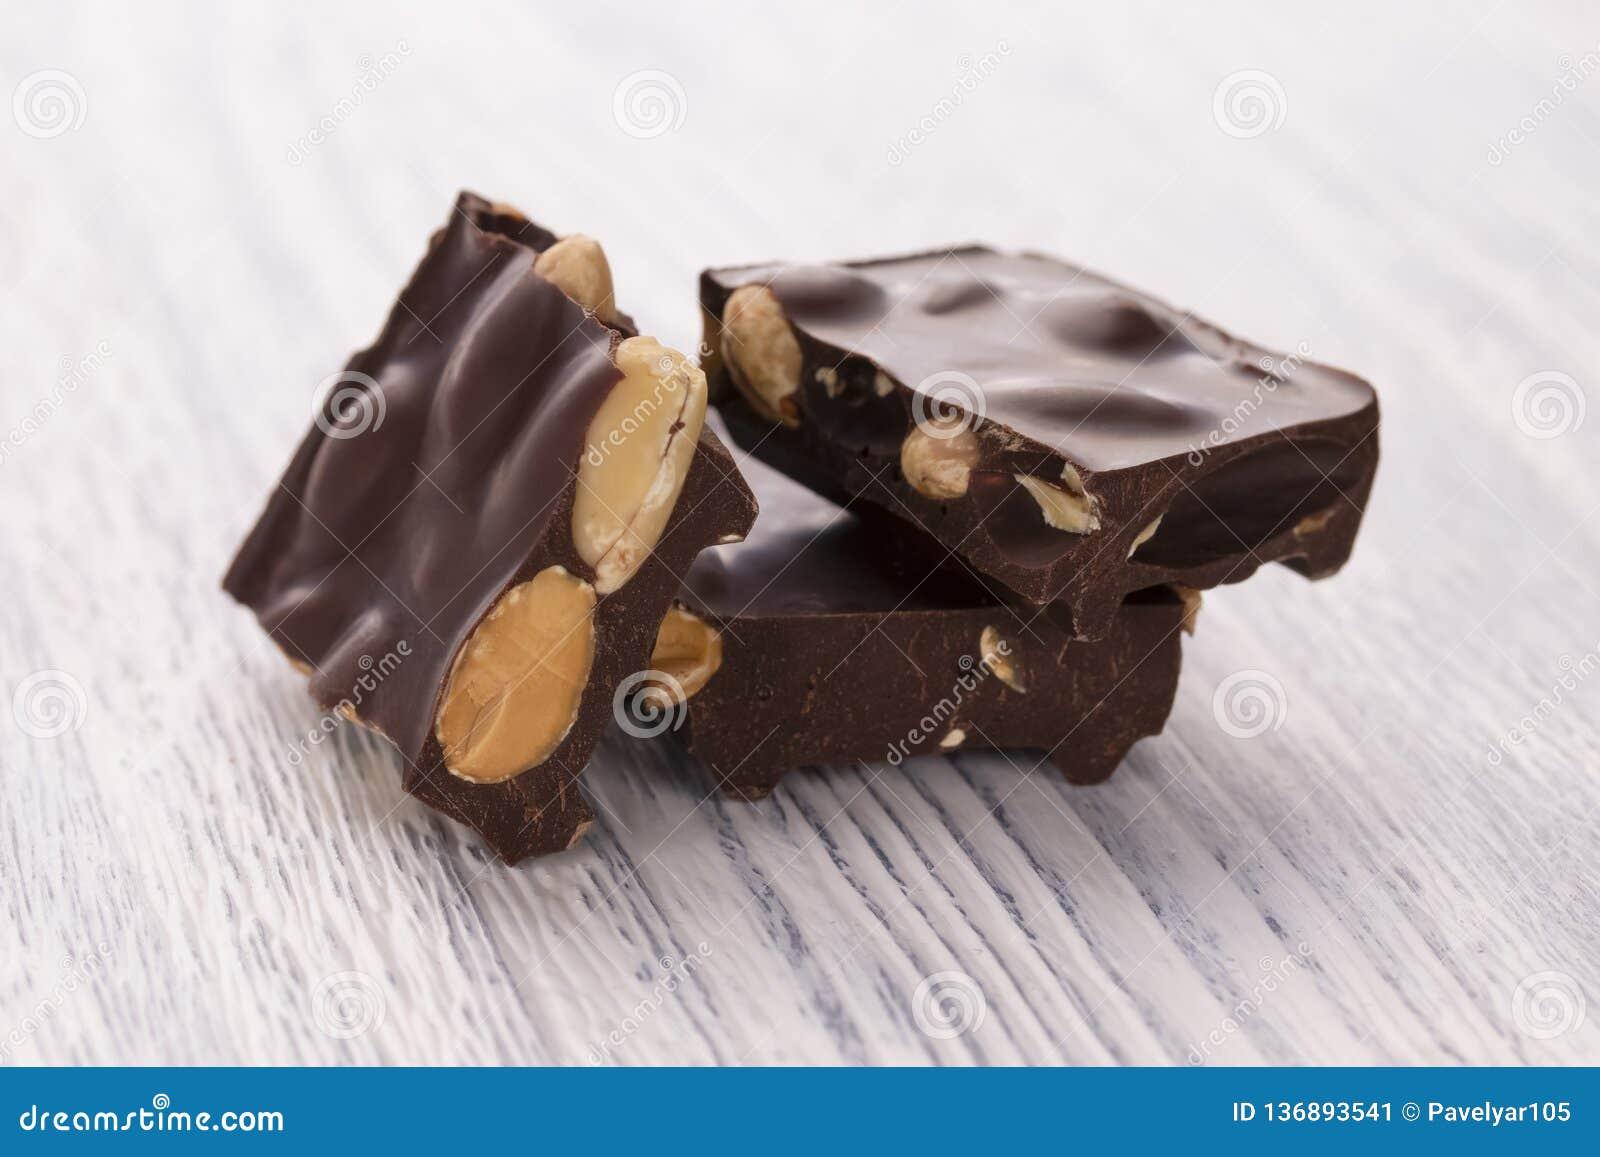 Tranches de chocolat foncé avec des écrous sur une table en bois blanche